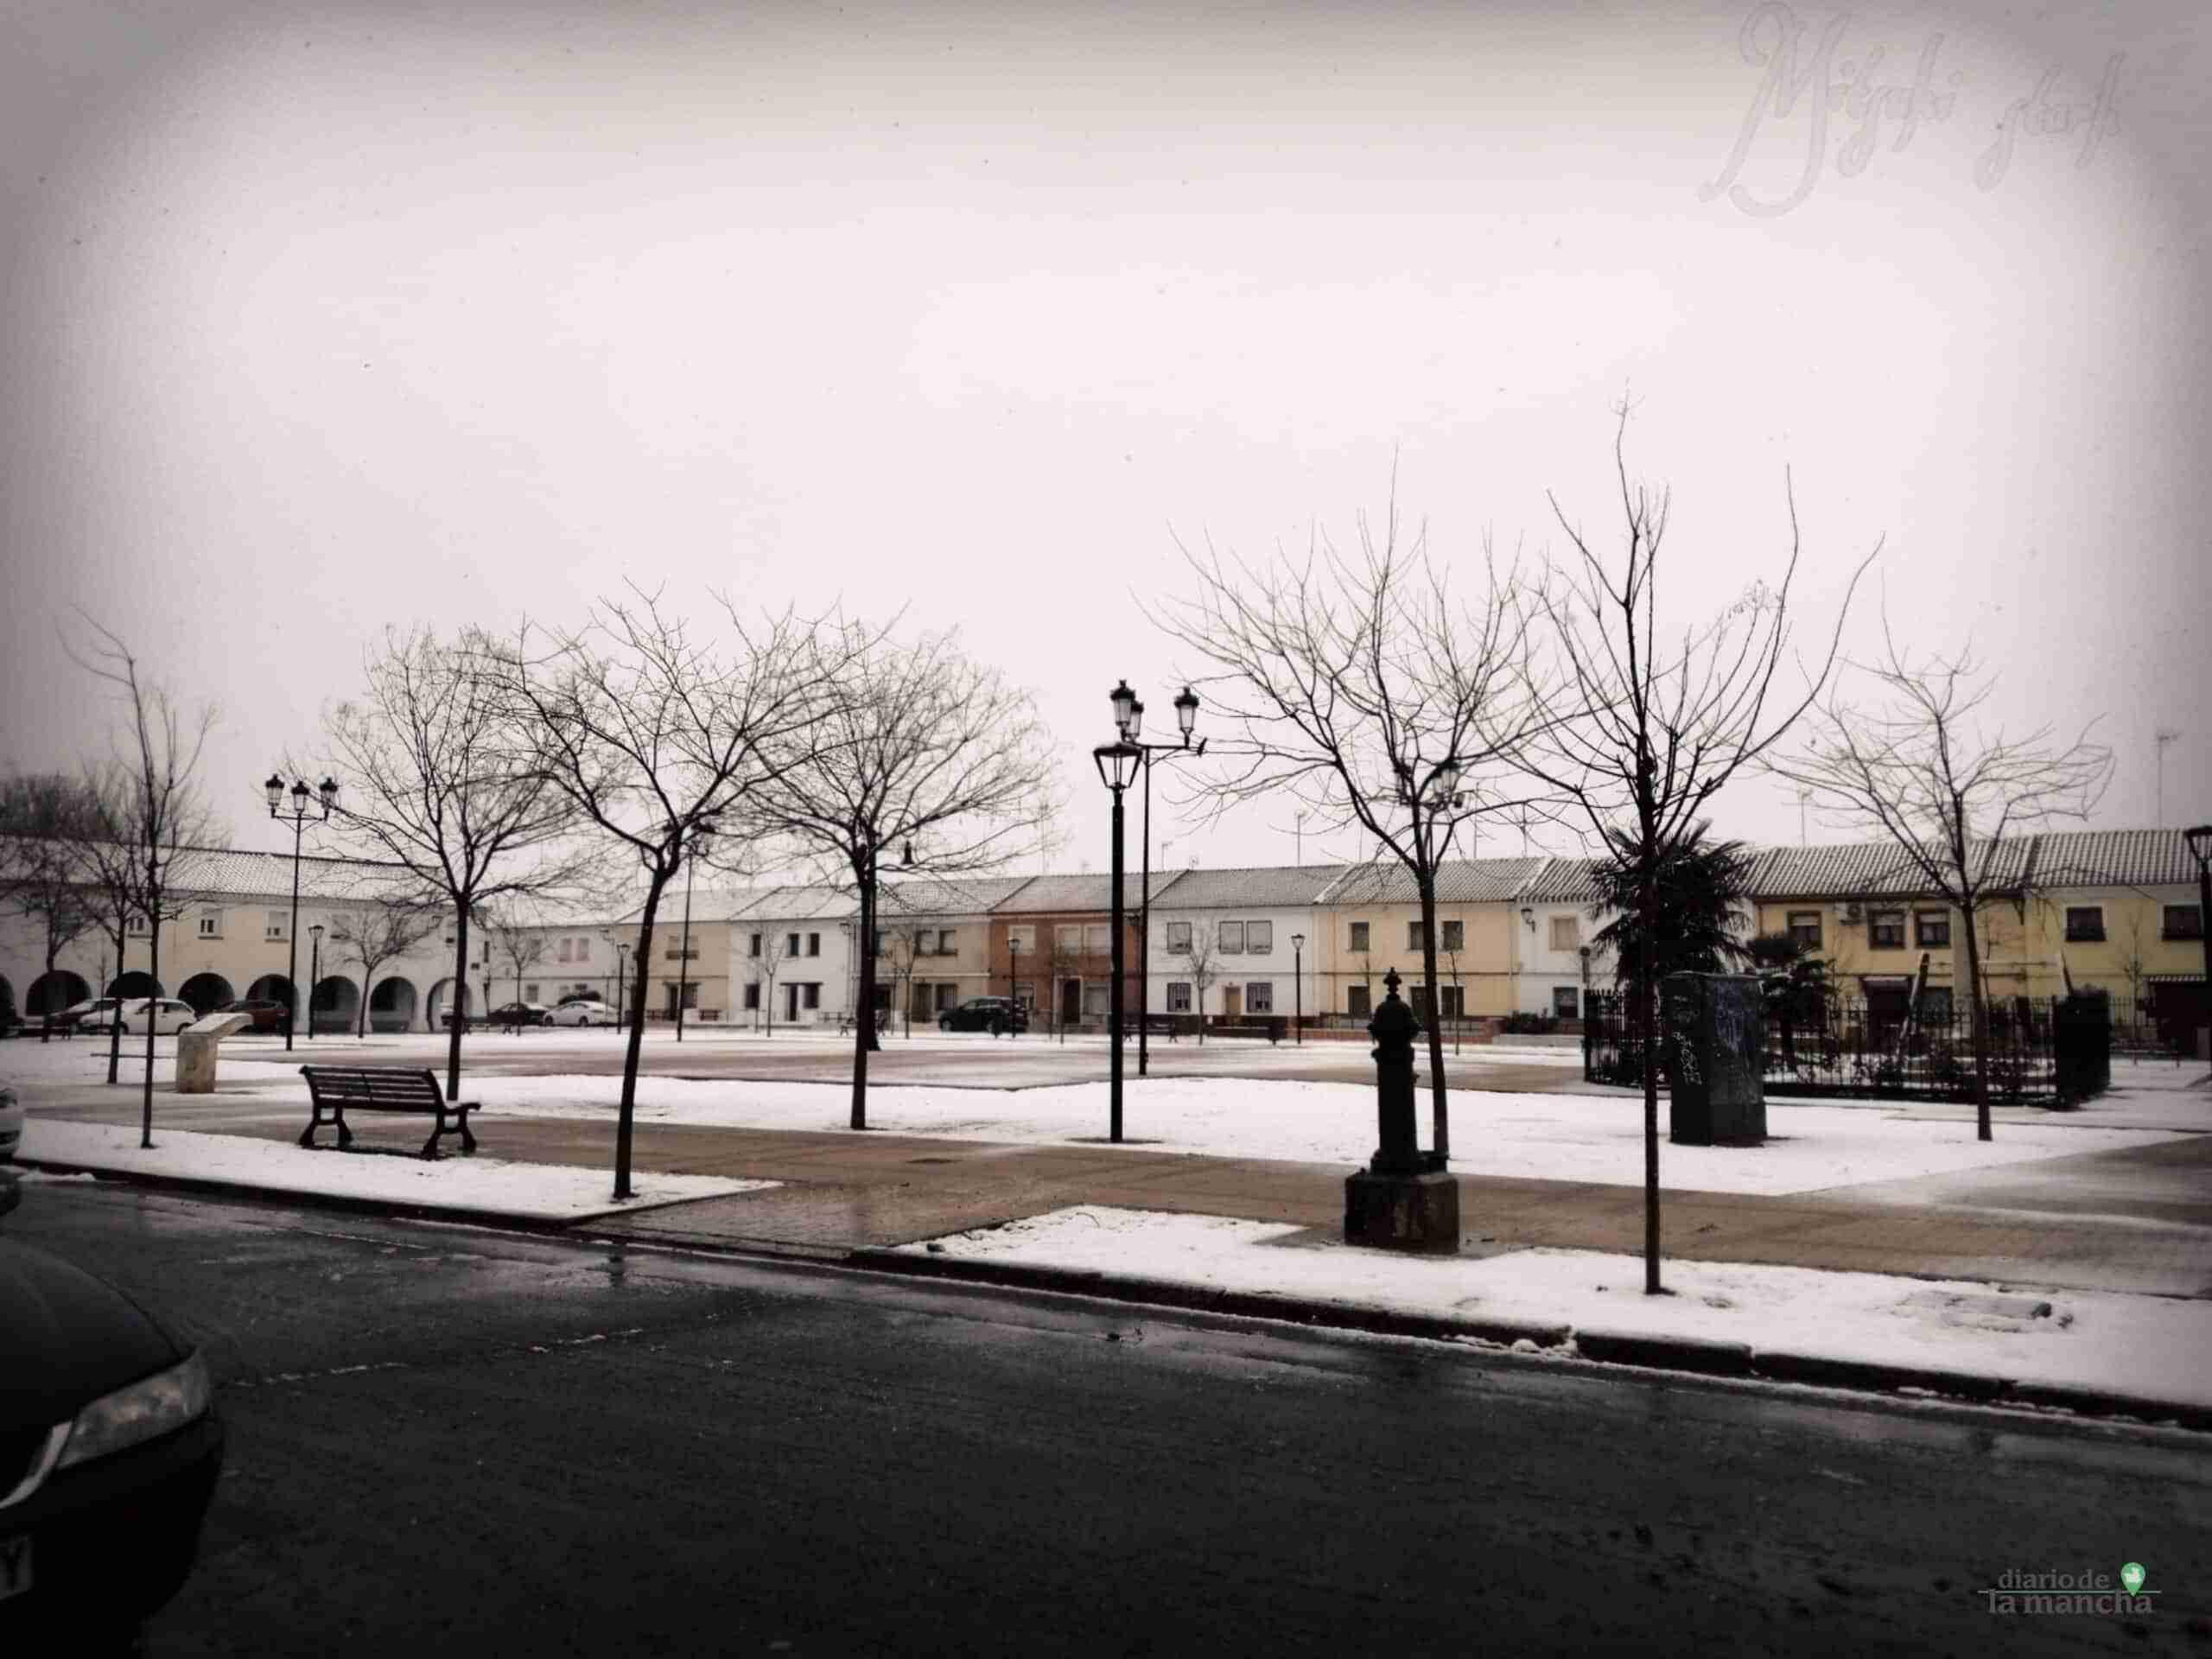 Fotografías de la primera nevada de 2021 en Tomelloso 42